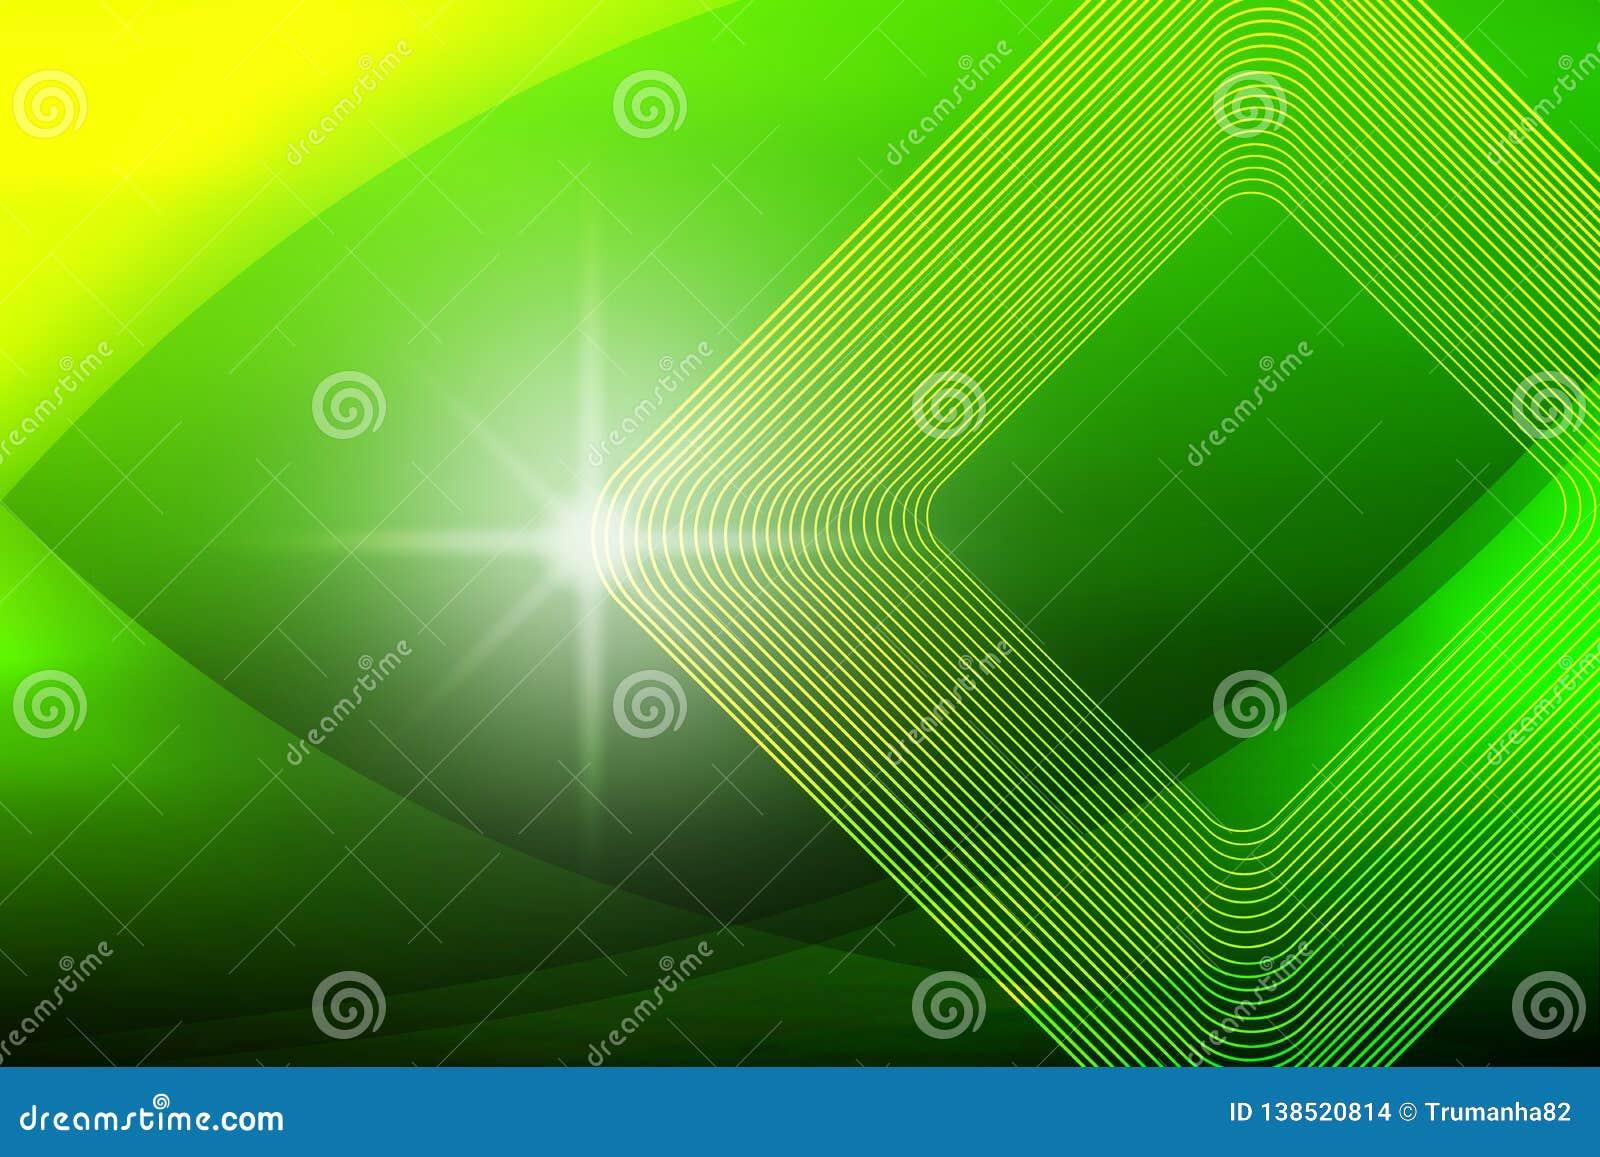 Faísca brilhante, formas quadradas e curvas no verde borrado e no fundo amarelo